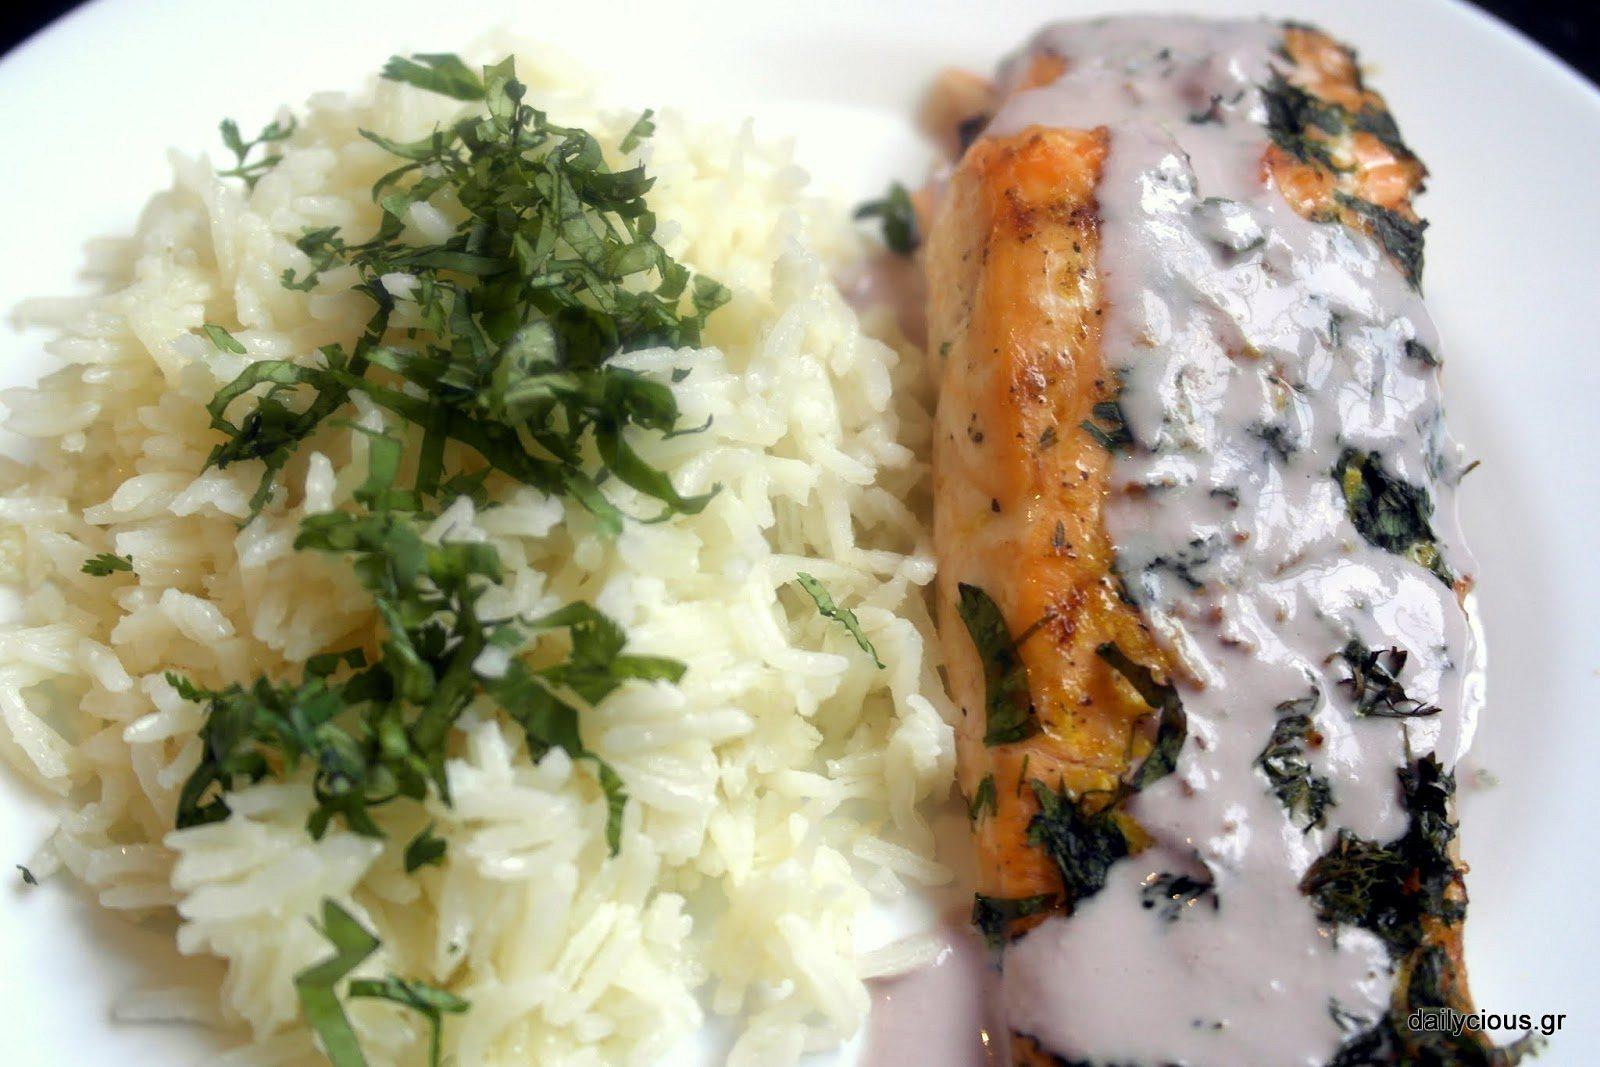 Το Φιλέτο Σολομού με Σάλτσα Λεμονόχορτου (Lemongrass) και Ρύζι Καρύδας είναι έτοιμο!